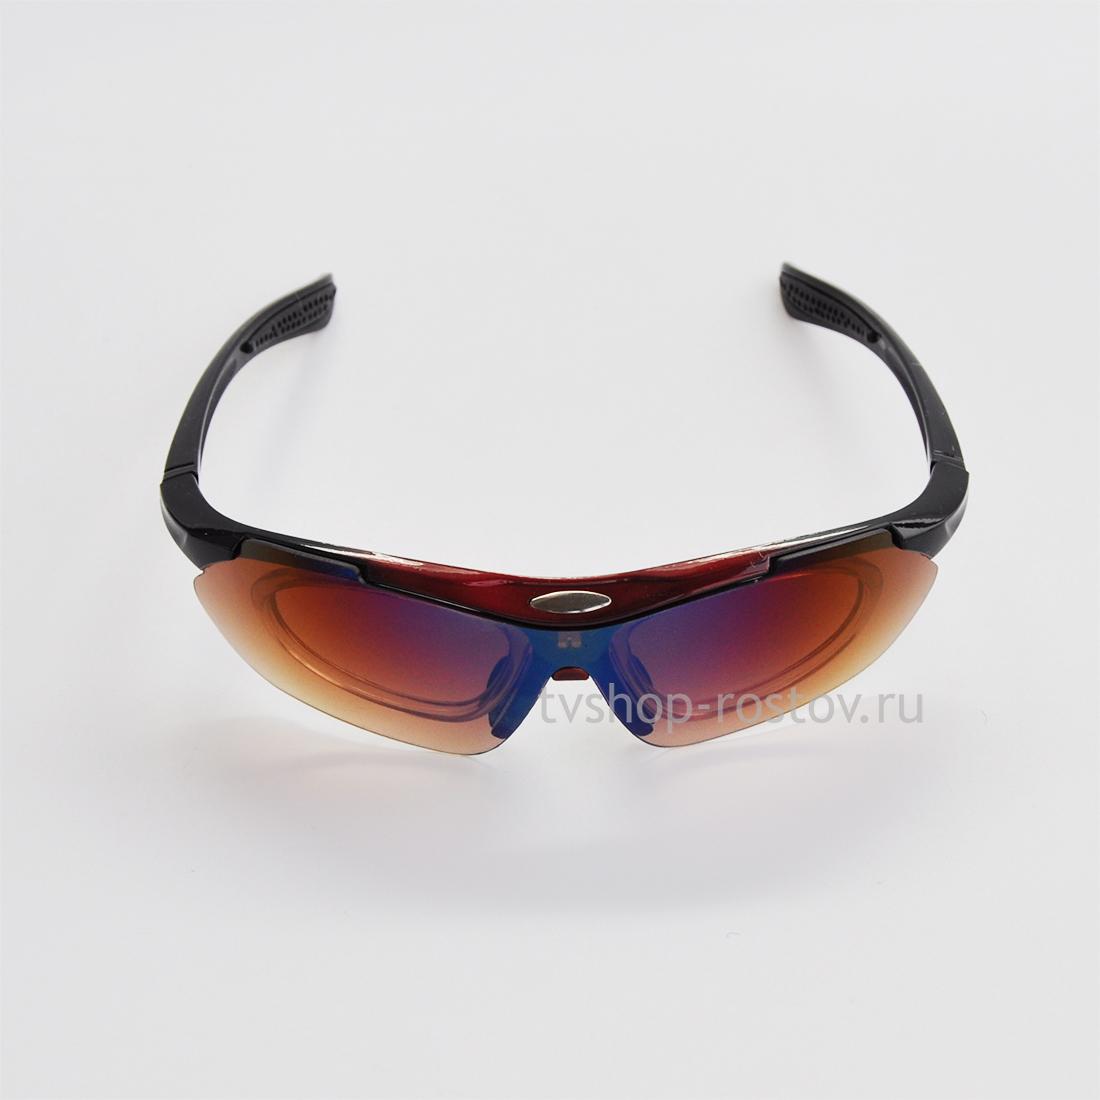 Маркировка на солнцезащитных очках cat 3